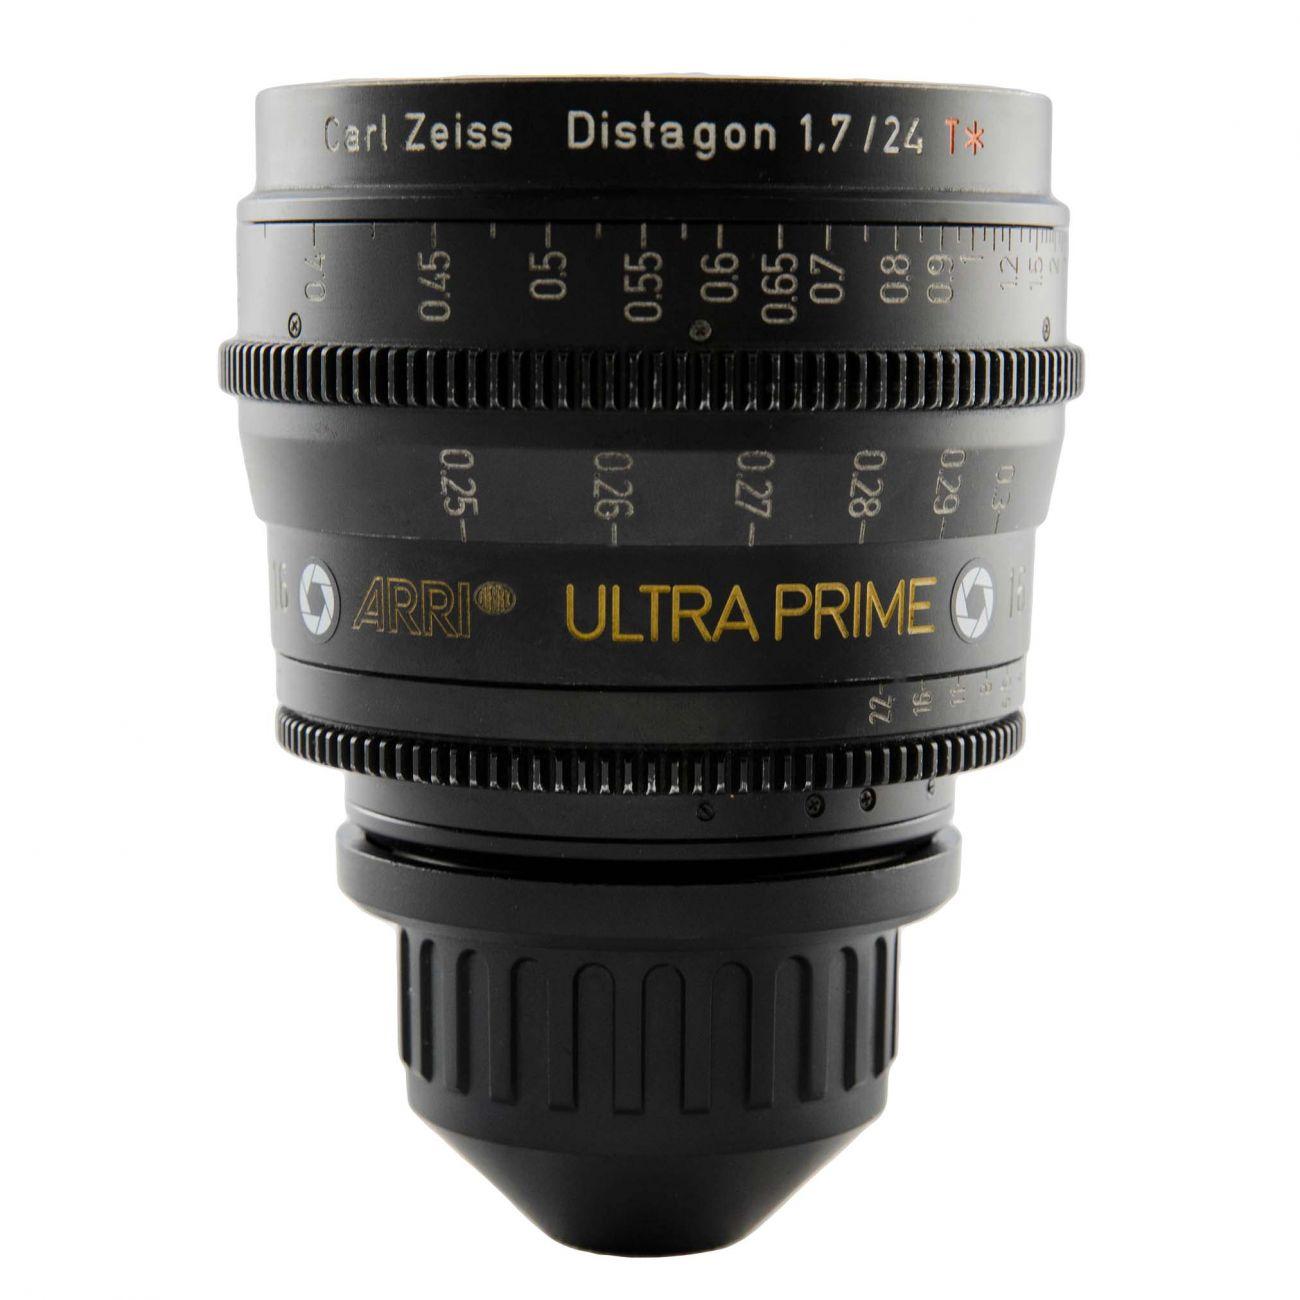 24mm ARRI ULTRA PRIME Lens T1.9